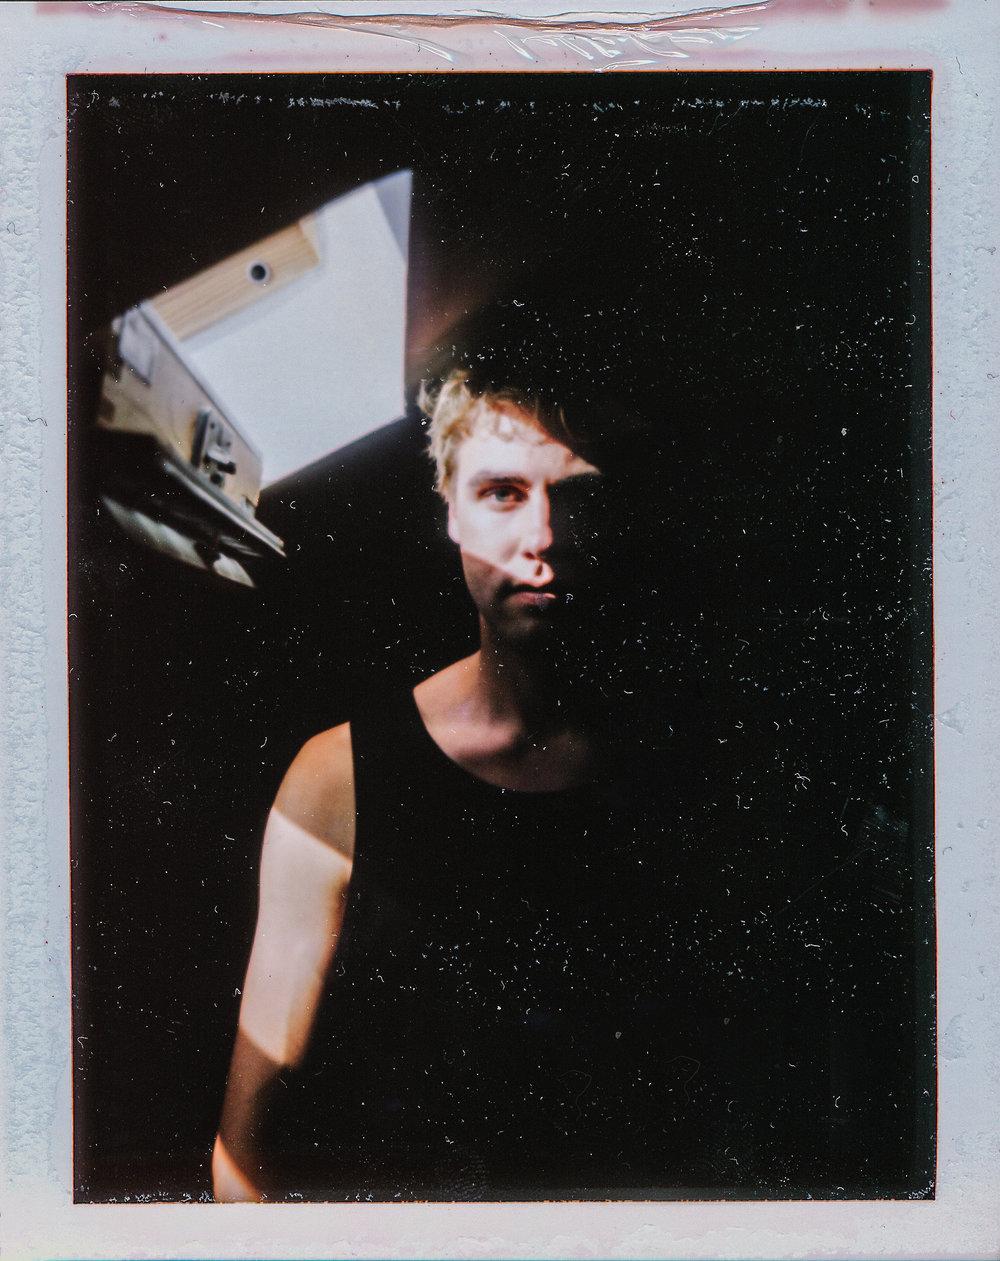 Hein-London-August-Polaroid-JenniferMcCord-Edits-6.jpg